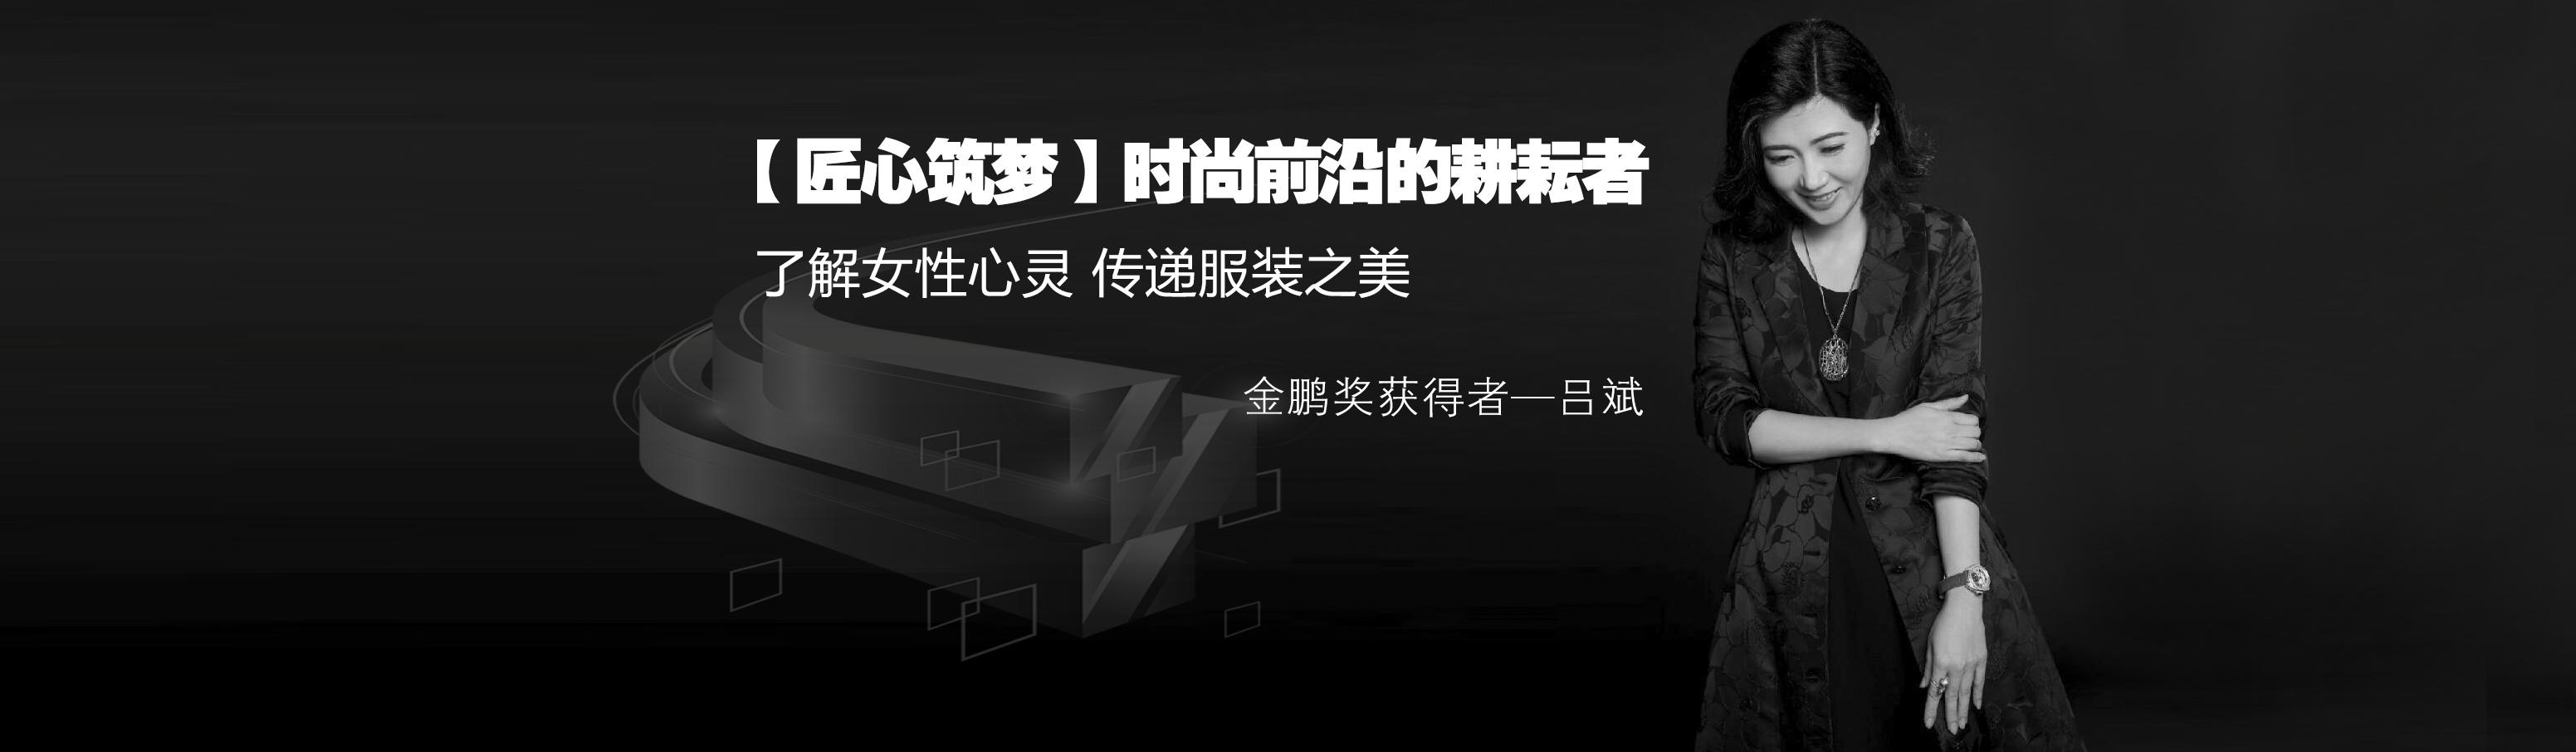 金鹏奖获得者    吕斌